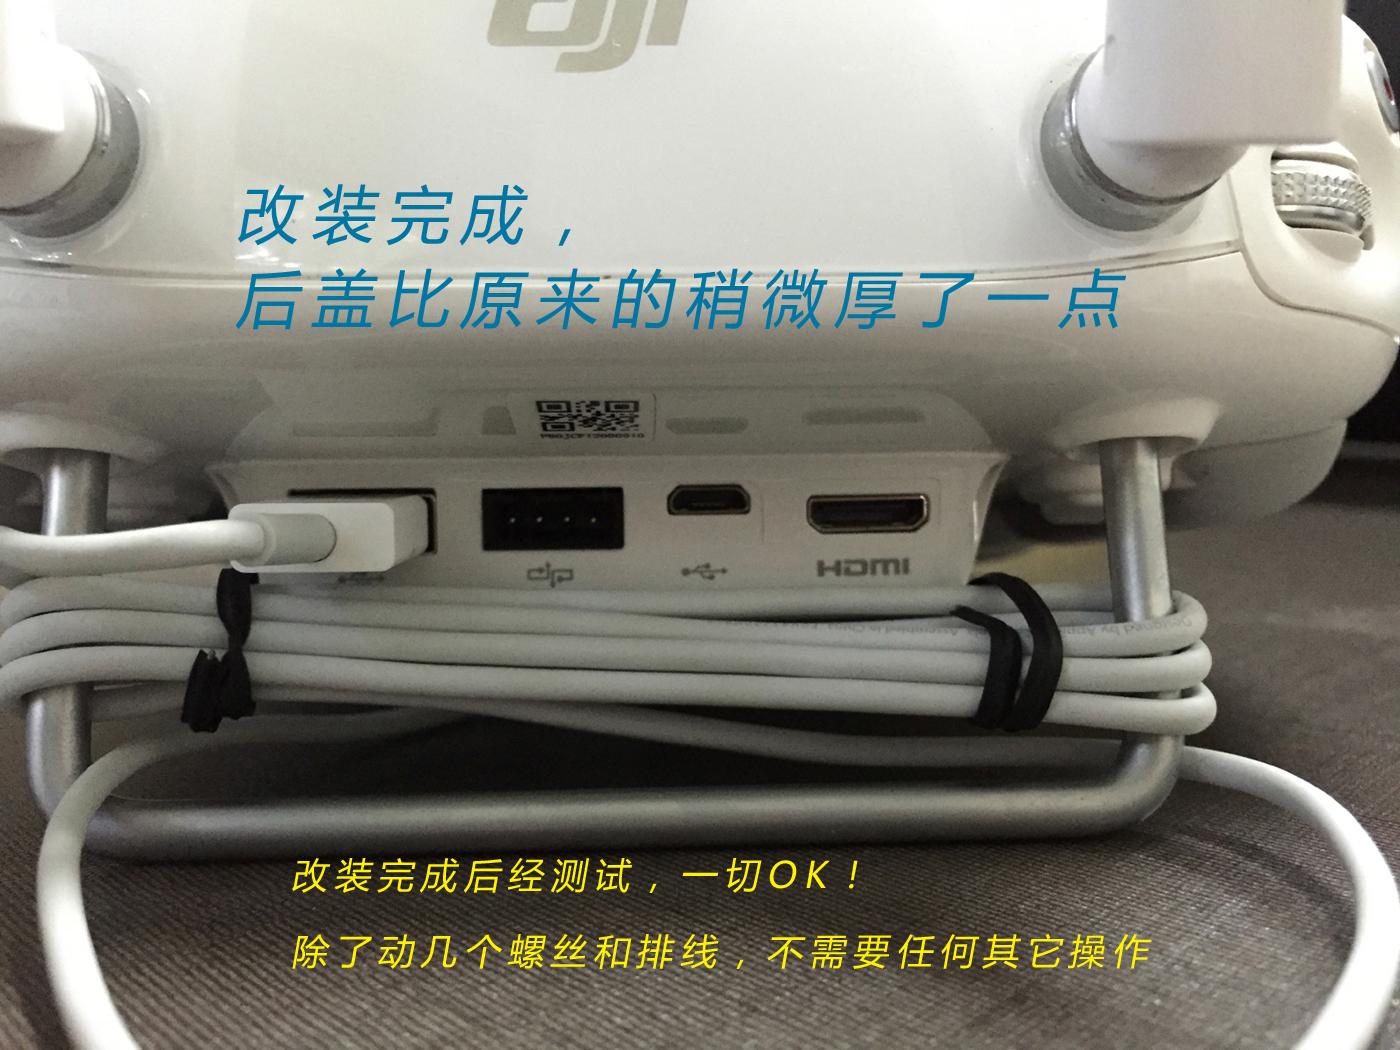 HDMI-06.jpg